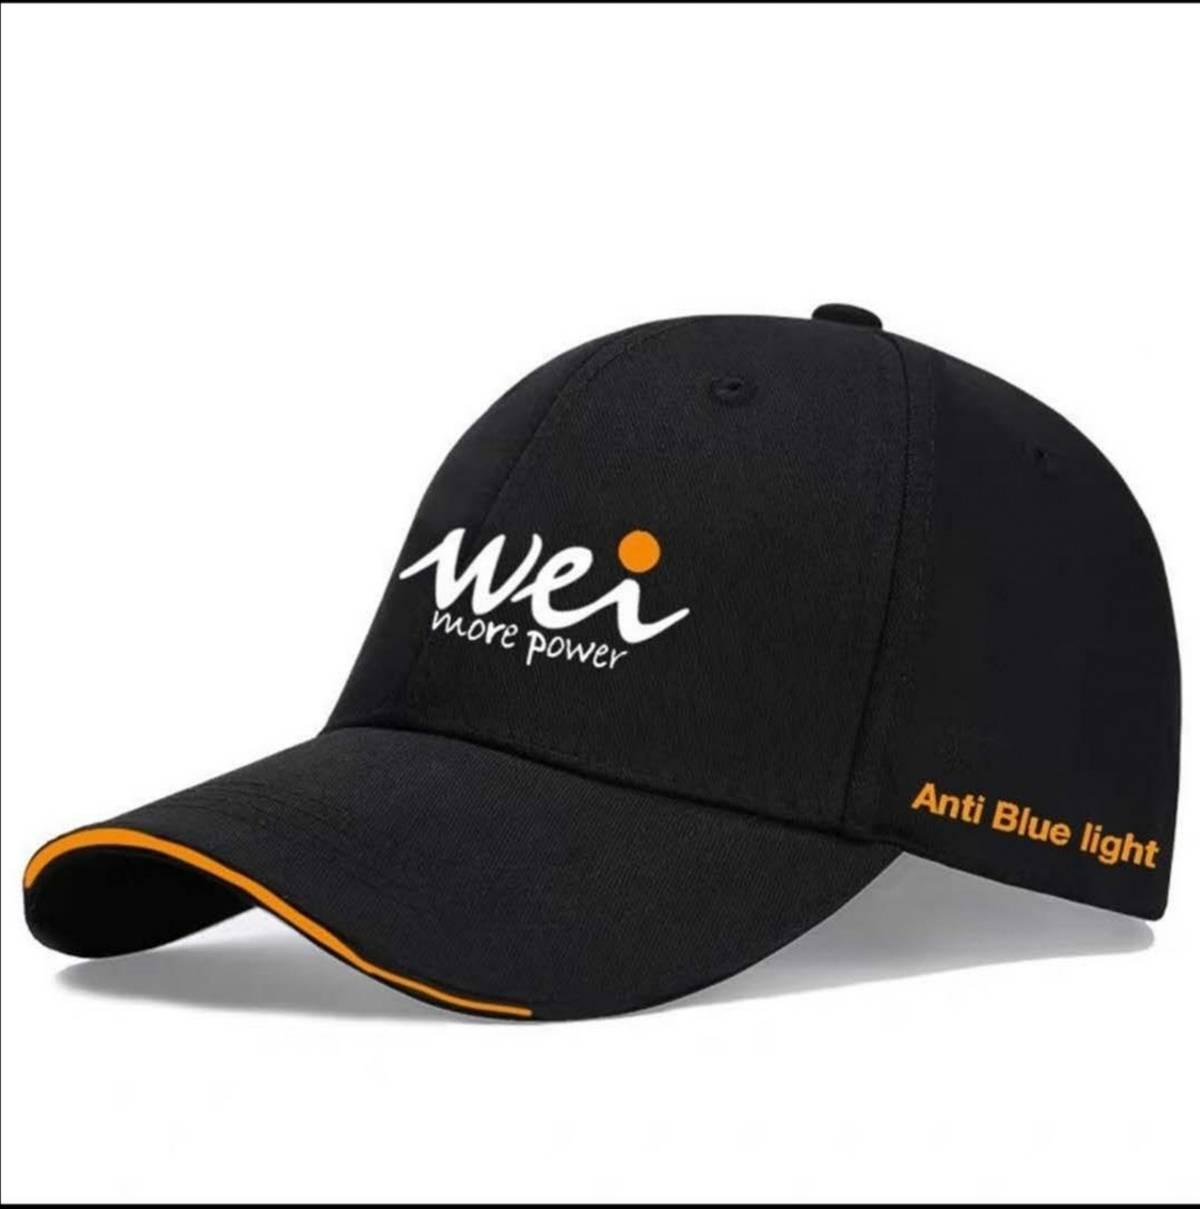 膜力威專利 棒球帽